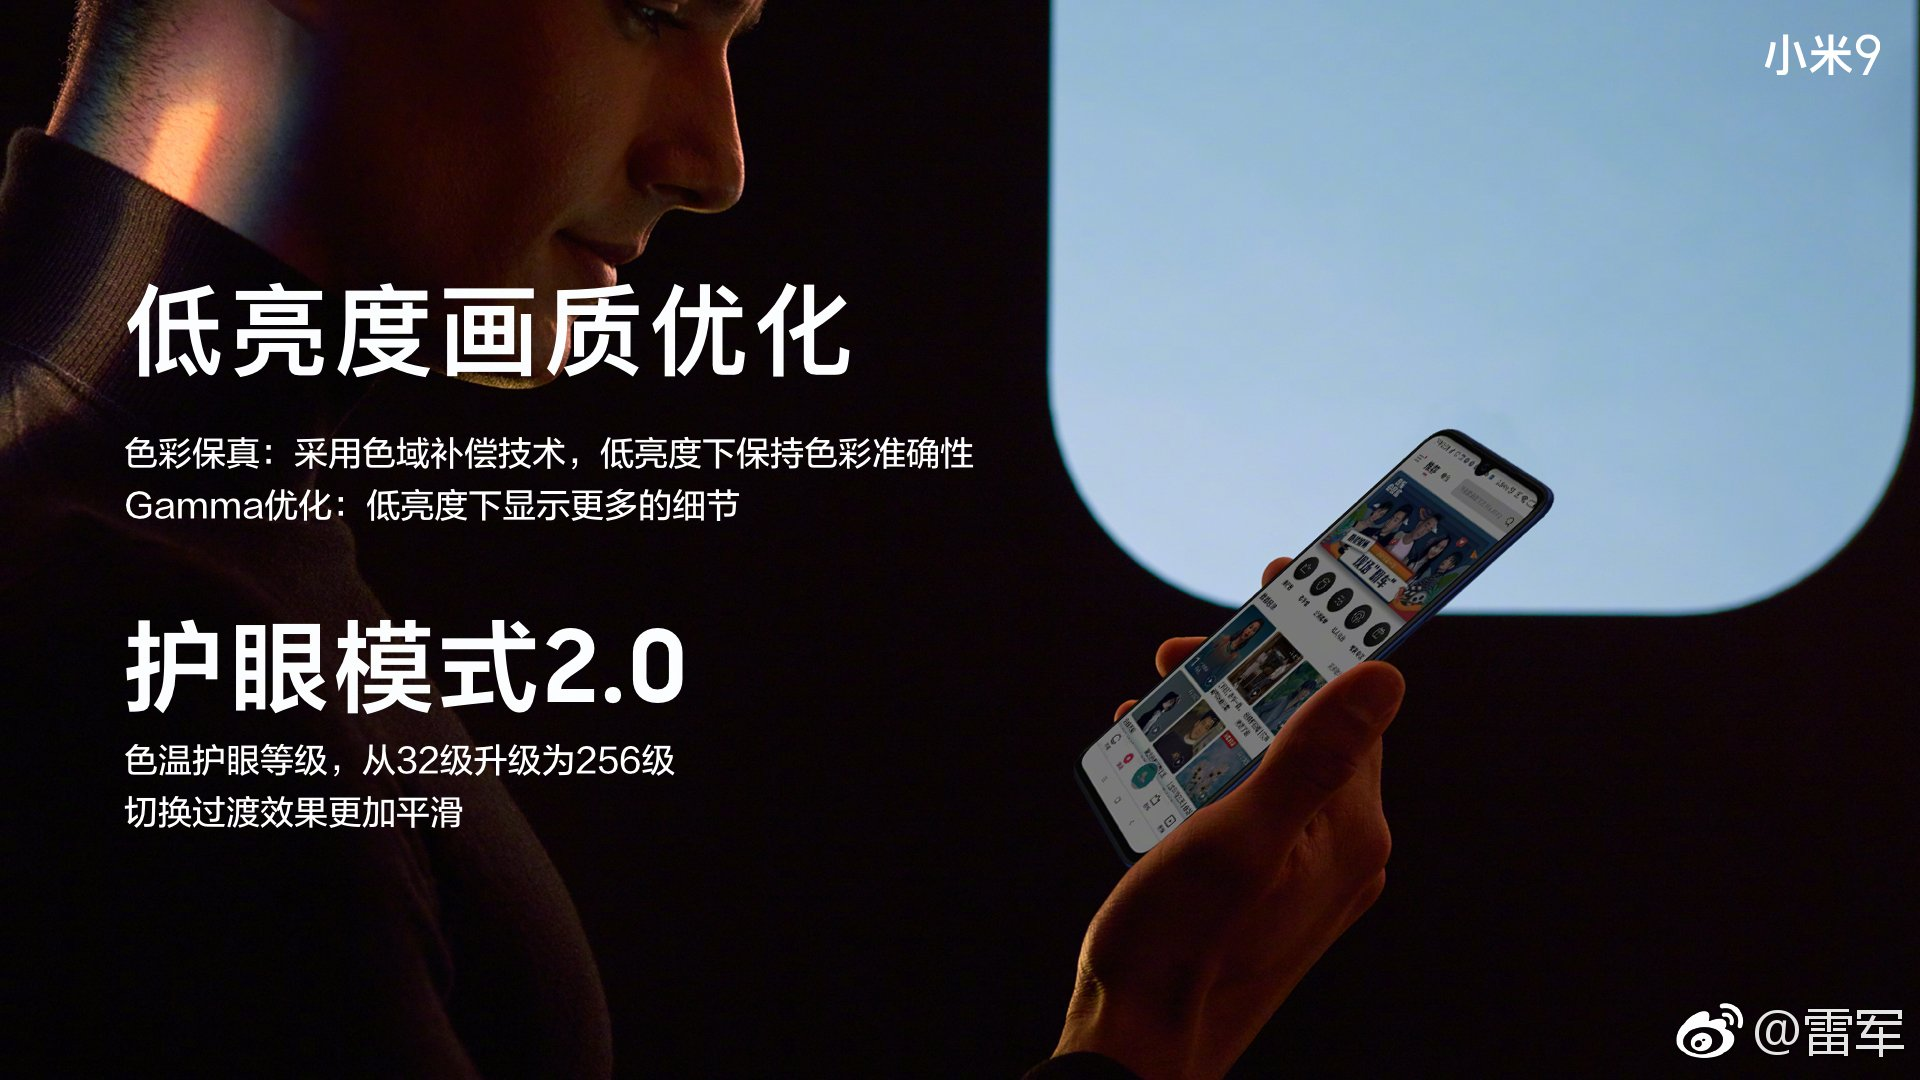 Xiaomi Mi 9 Low Light Display